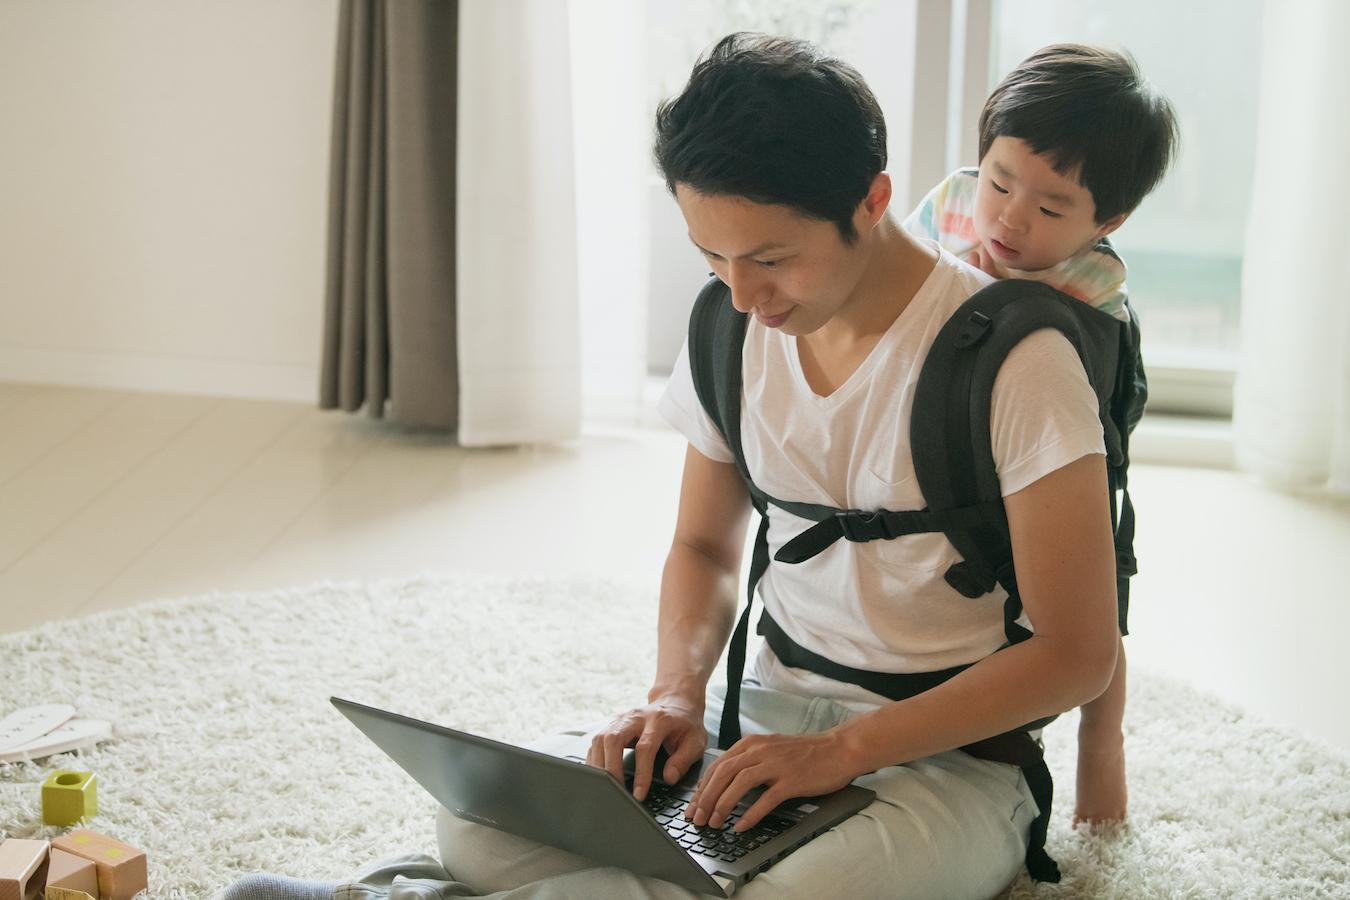 ベビー×テクノロジーで子育てをサポート